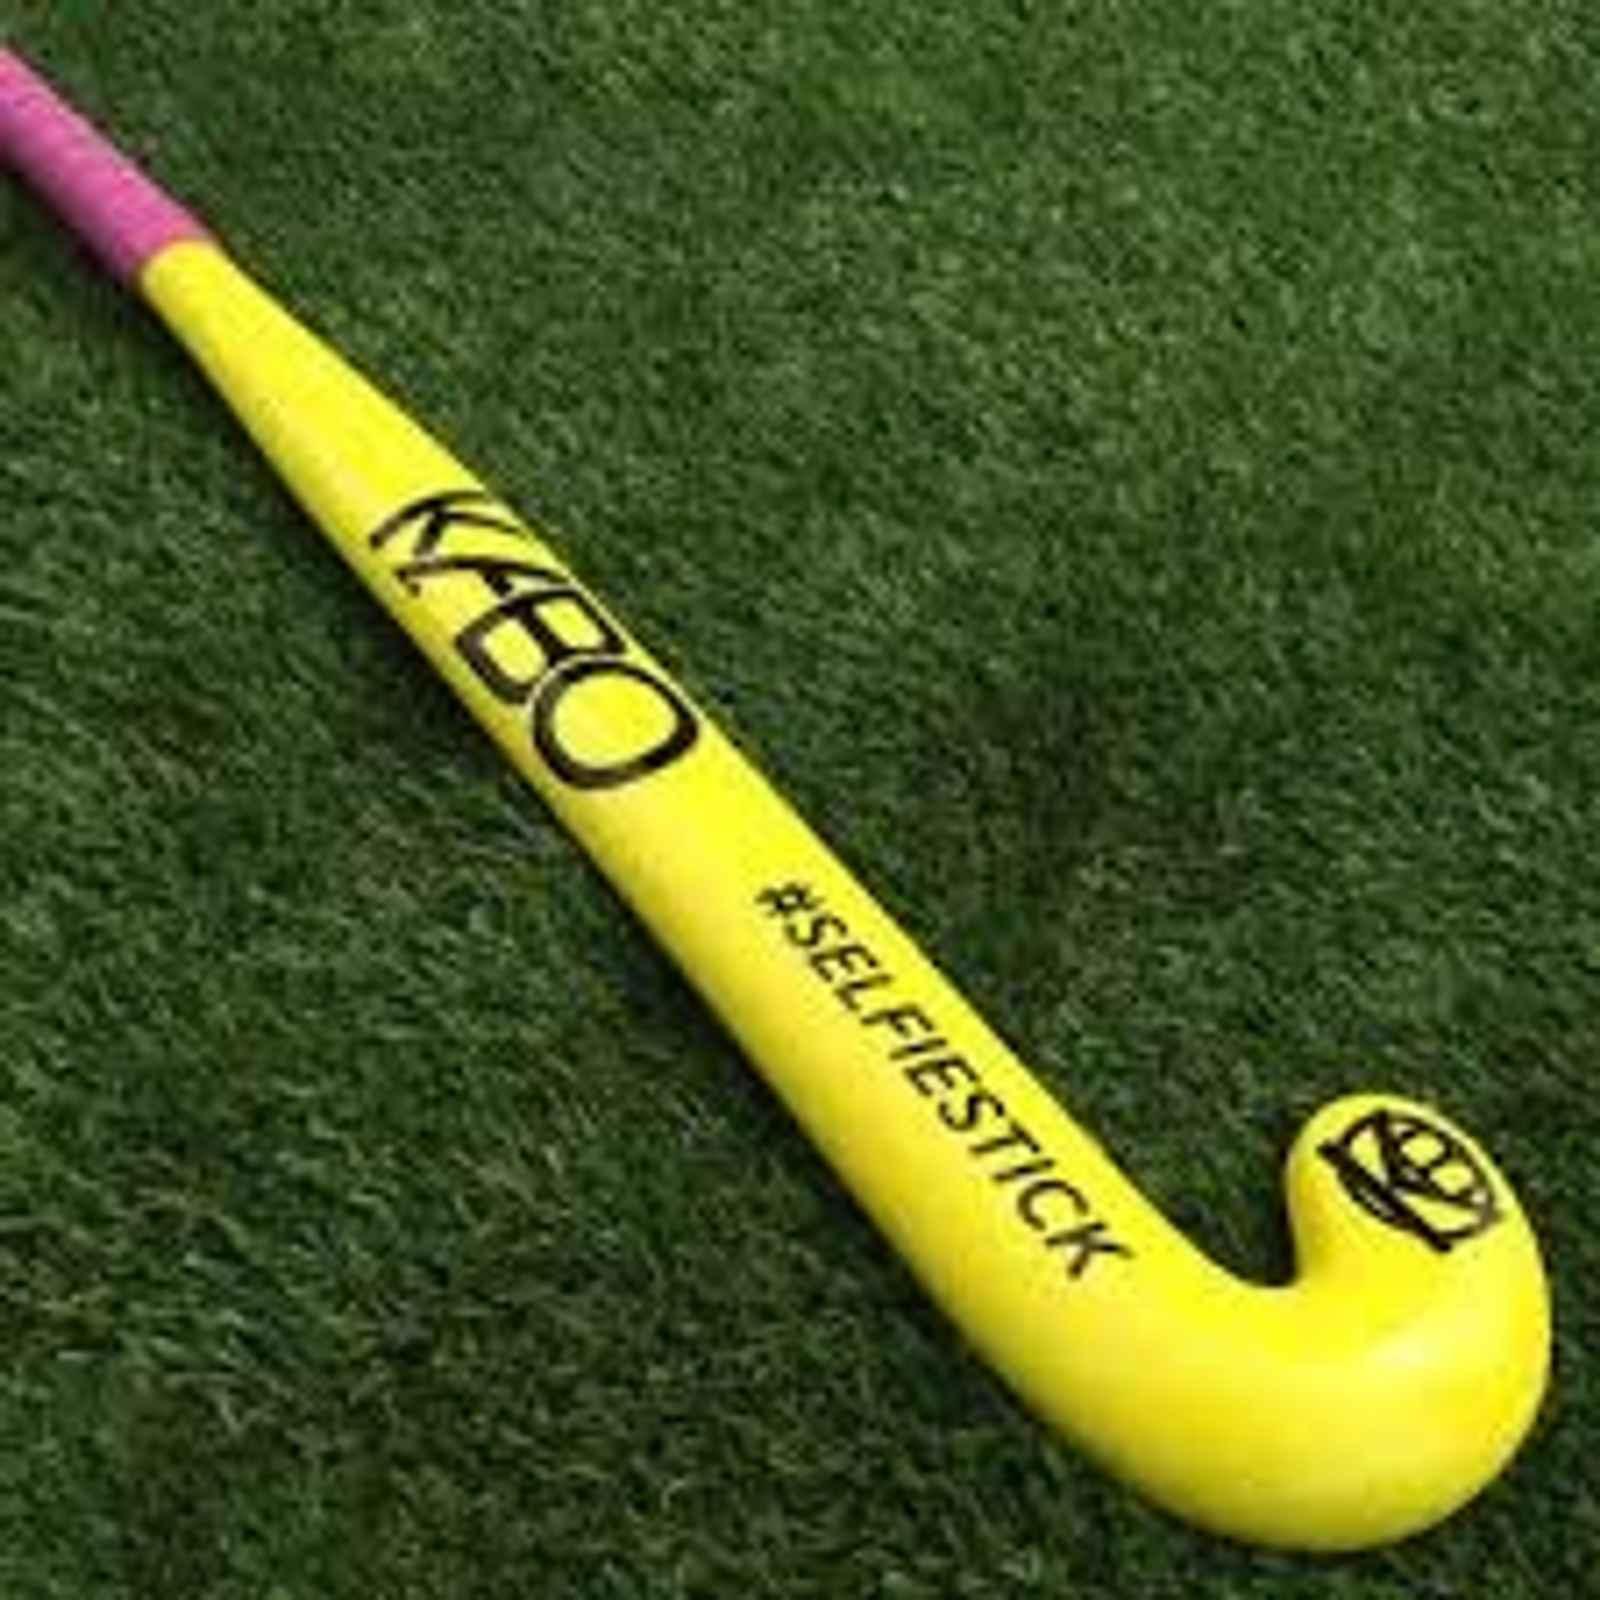 Xmas shopping at your local Ho-Ho-Hockey club